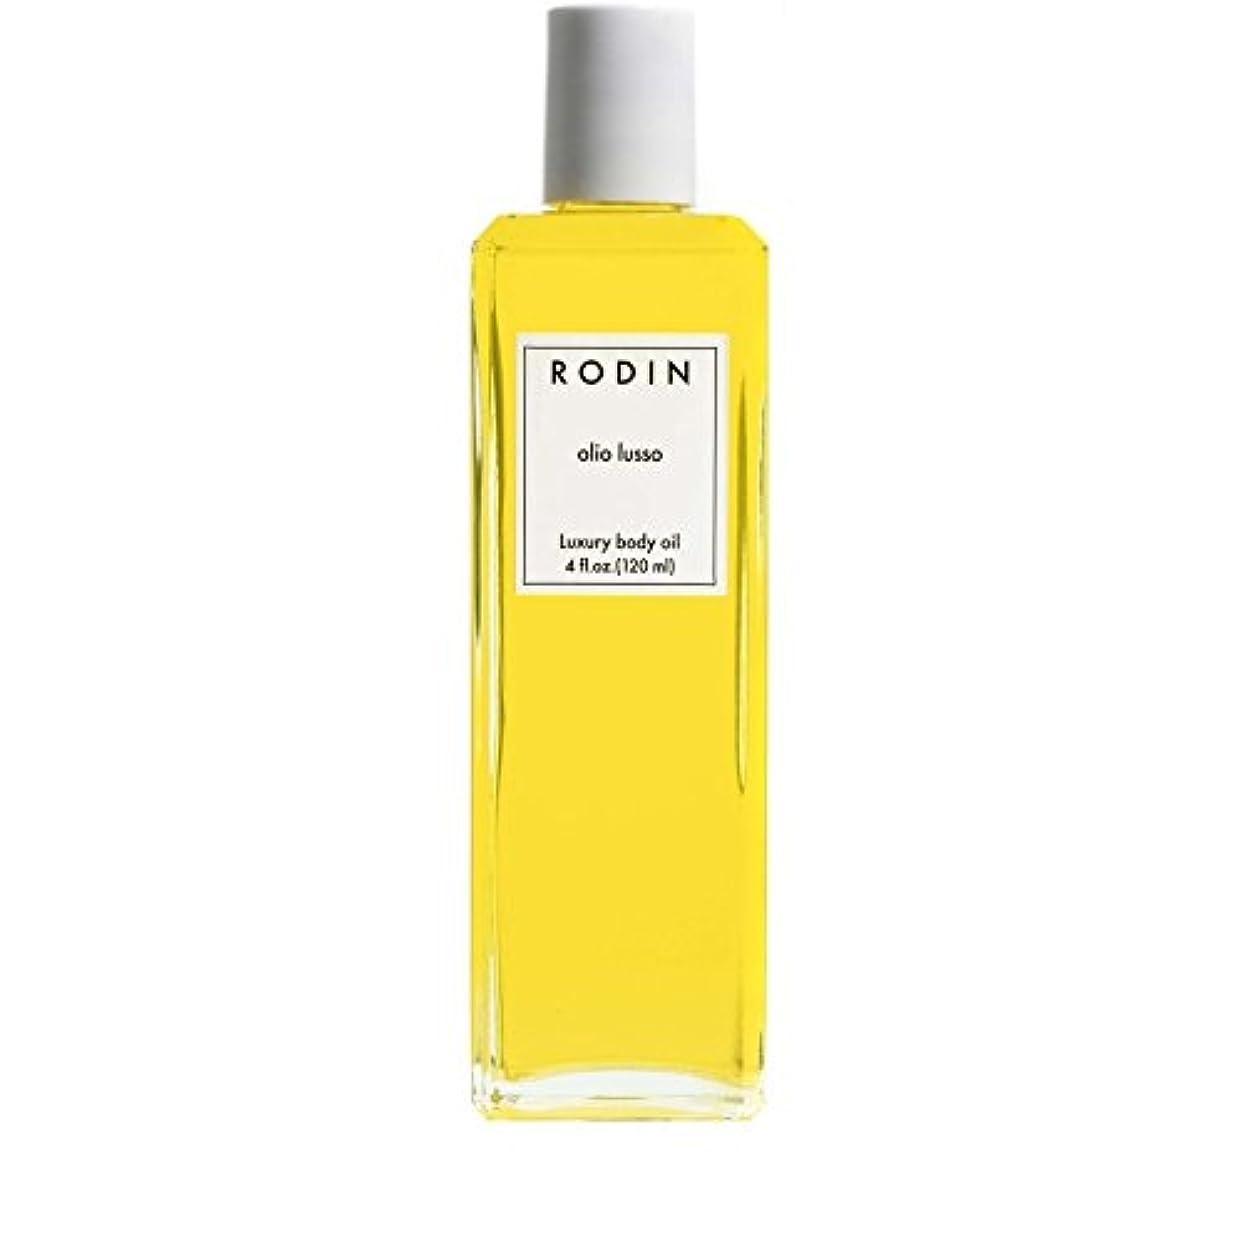 ルーフつま先州RODIN olio lusso Jasmine & Neroli Luxury Body Oil 120ml - ロダンルッソジャスミン&ネロリ贅沢なボディオイル120ミリリットル [並行輸入品]